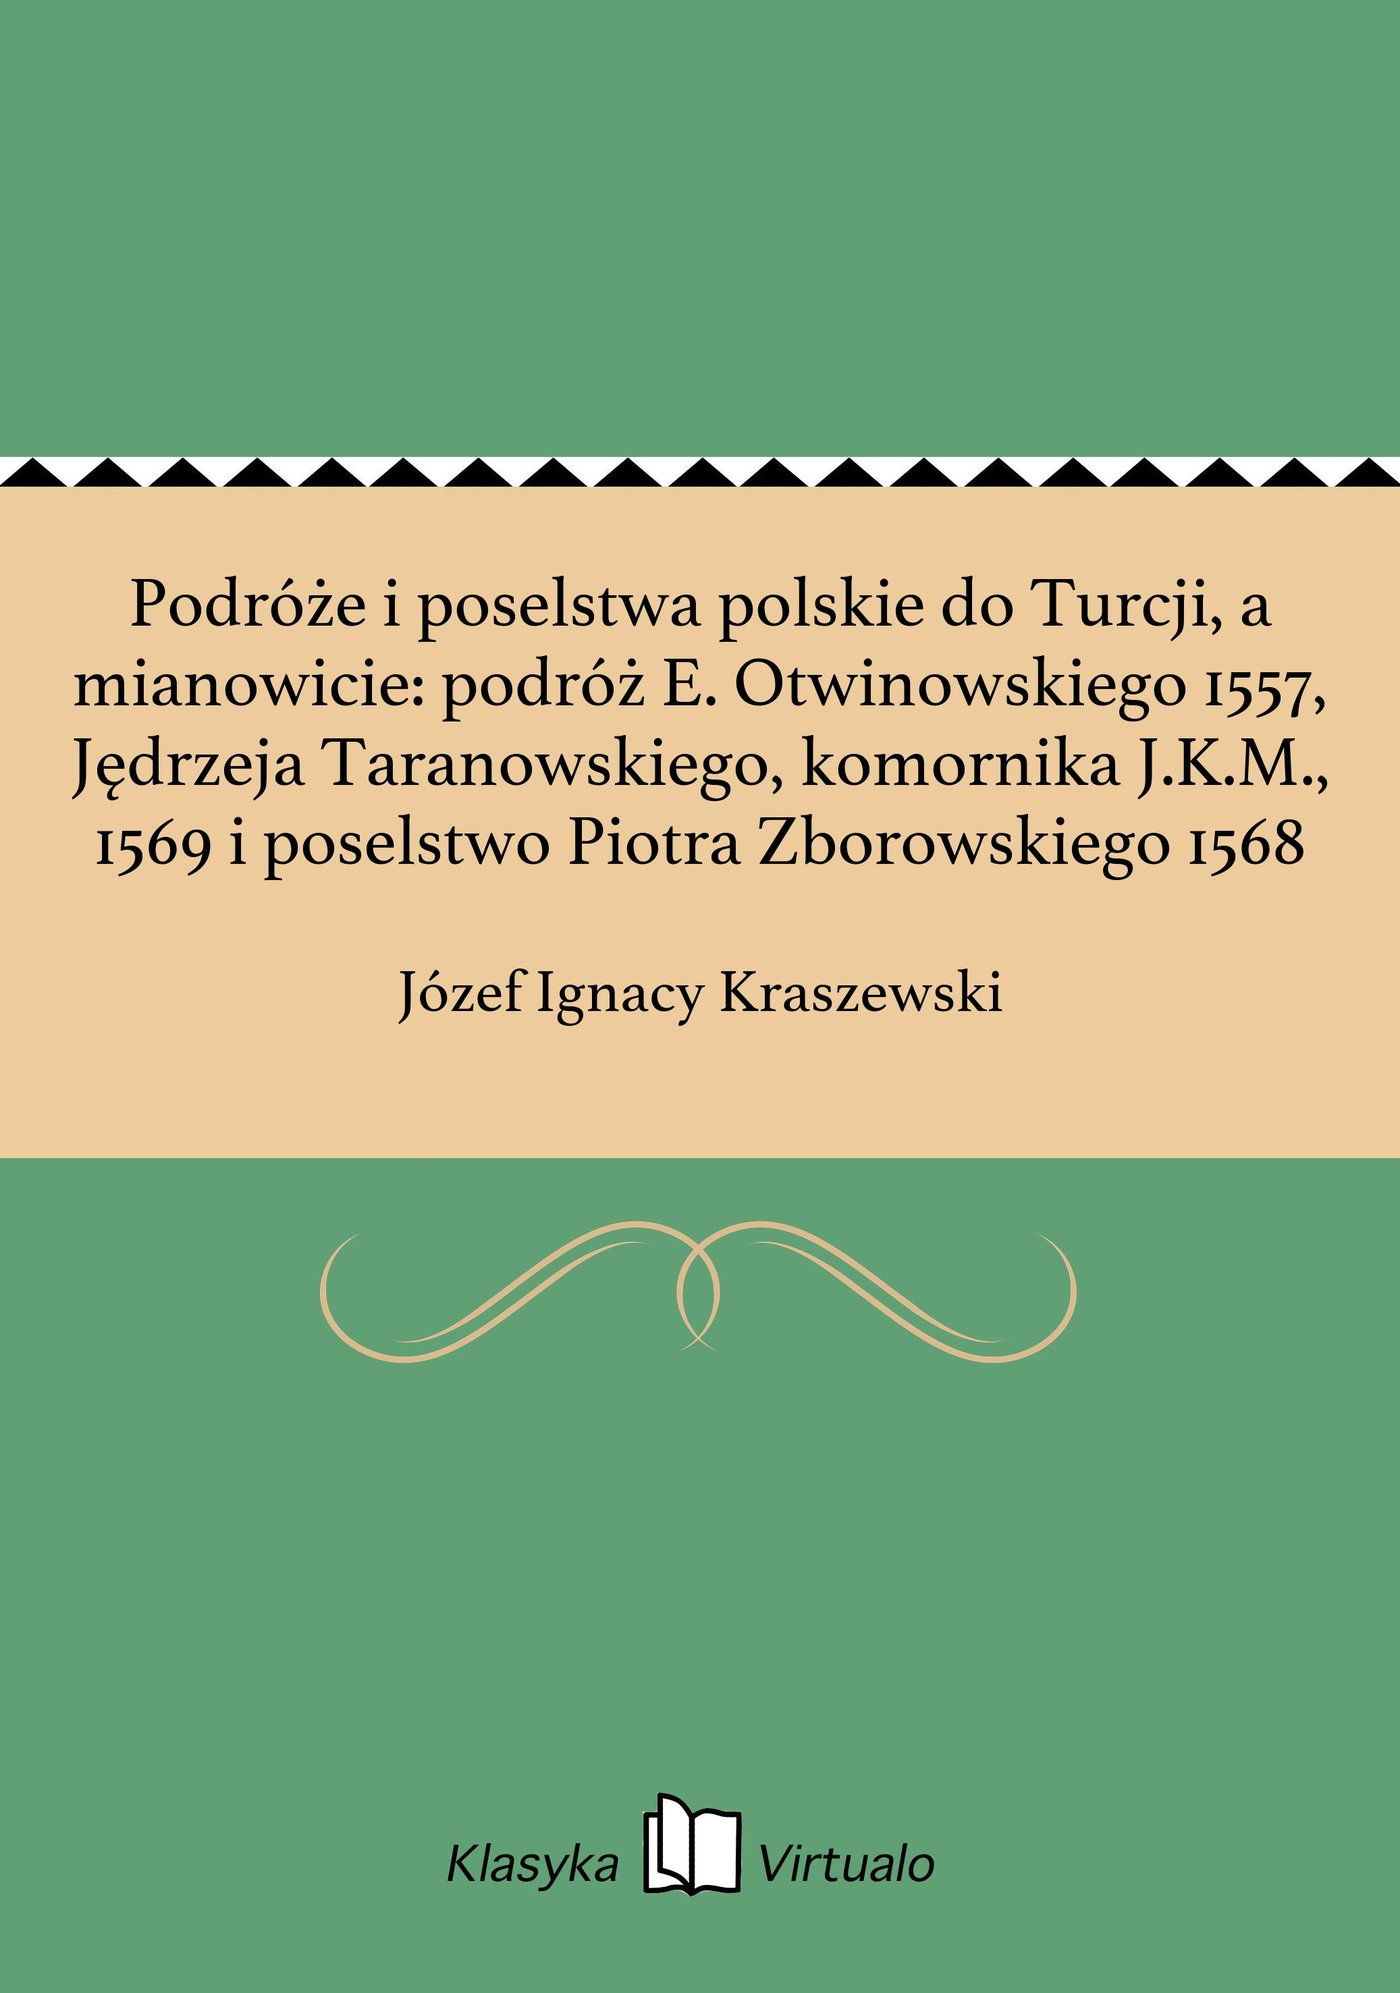 Podróże i poselstwa polskie do Turcji, a mianowicie: podróż E. Otwinowskiego 1557, Jędrzeja Taranowskiego, komornika J.K.M., 1569 i poselstwo Piotra Zborowskiego 1568 - Ebook (Książka na Kindle) do pobrania w formacie MOBI